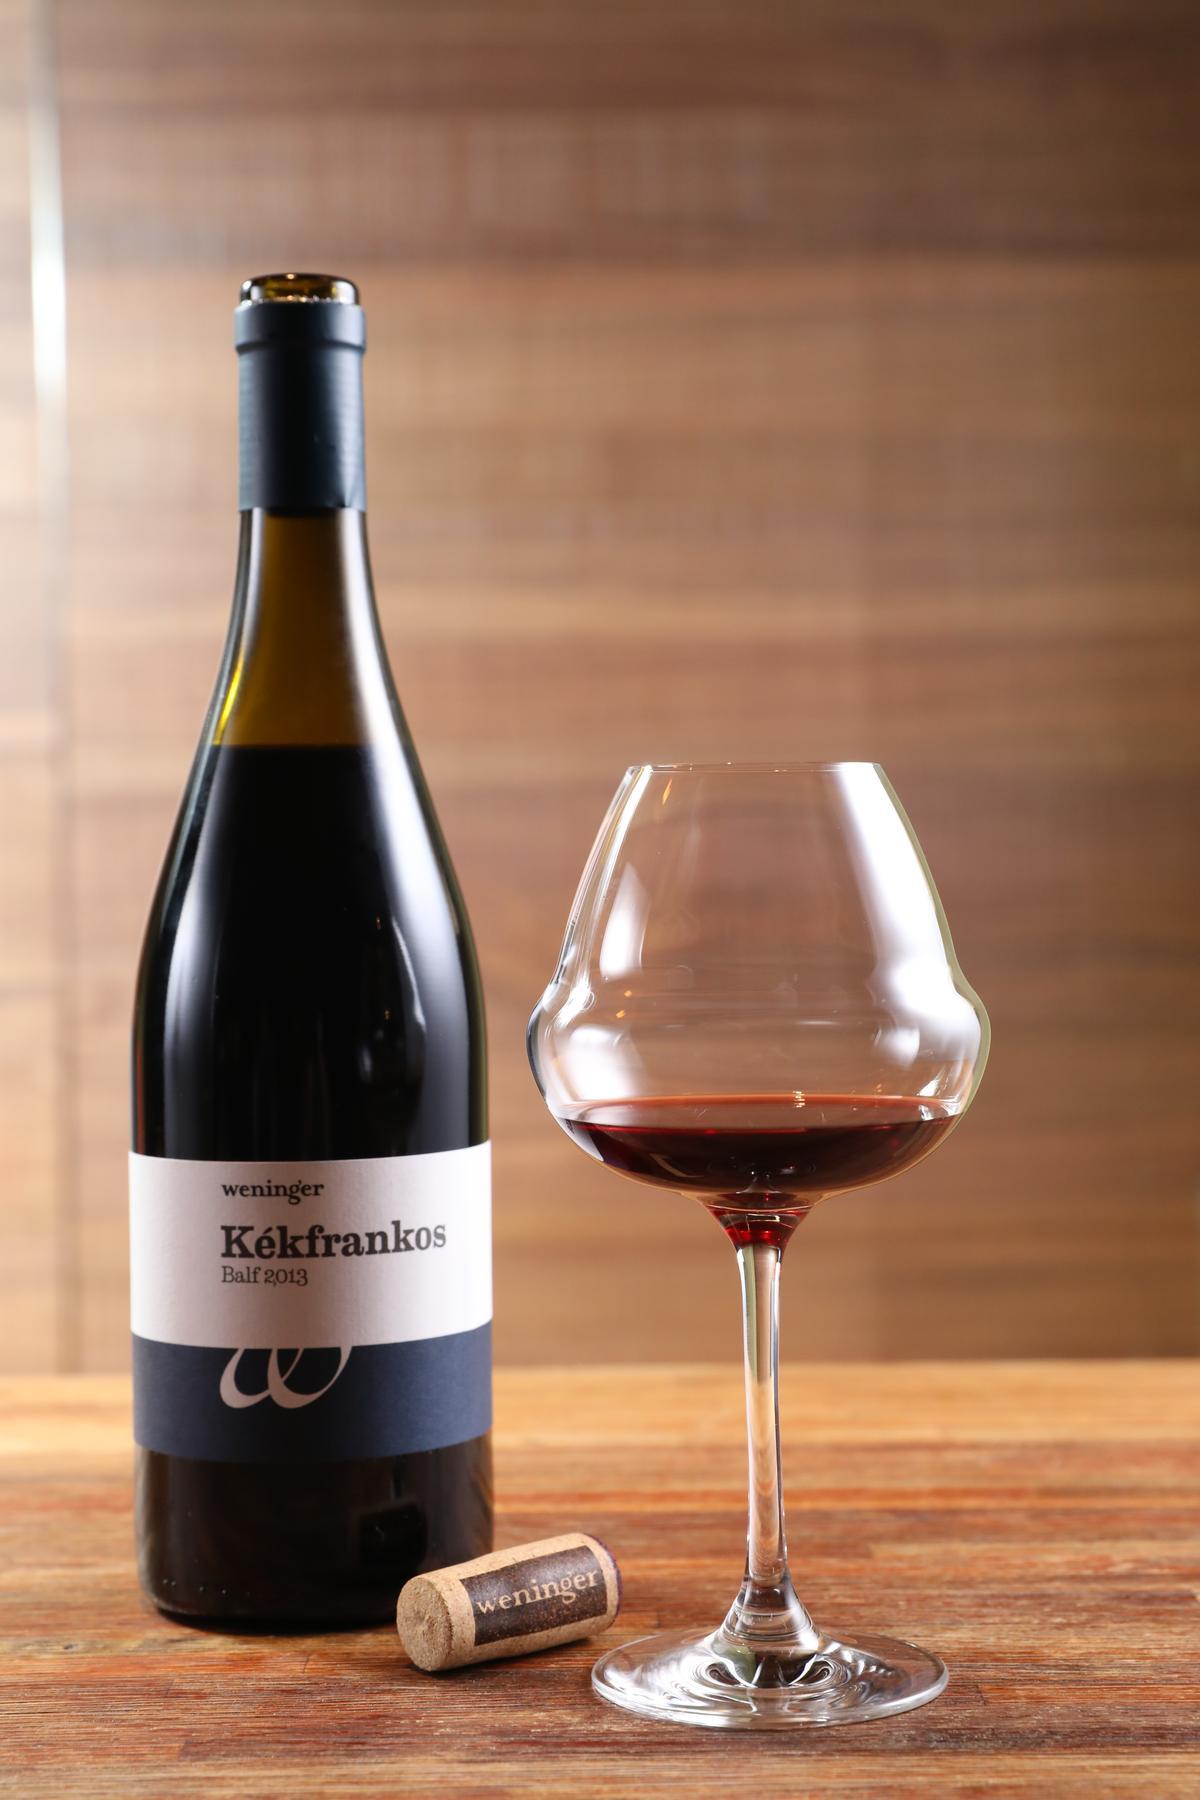 有機認證的自然酒「Weninger Kékfrankos Balf 2013」,酒體呈紫紅色,香氣也很純粹,適合搭配辣味的蹄花或辣子雞。(860元/瓶)